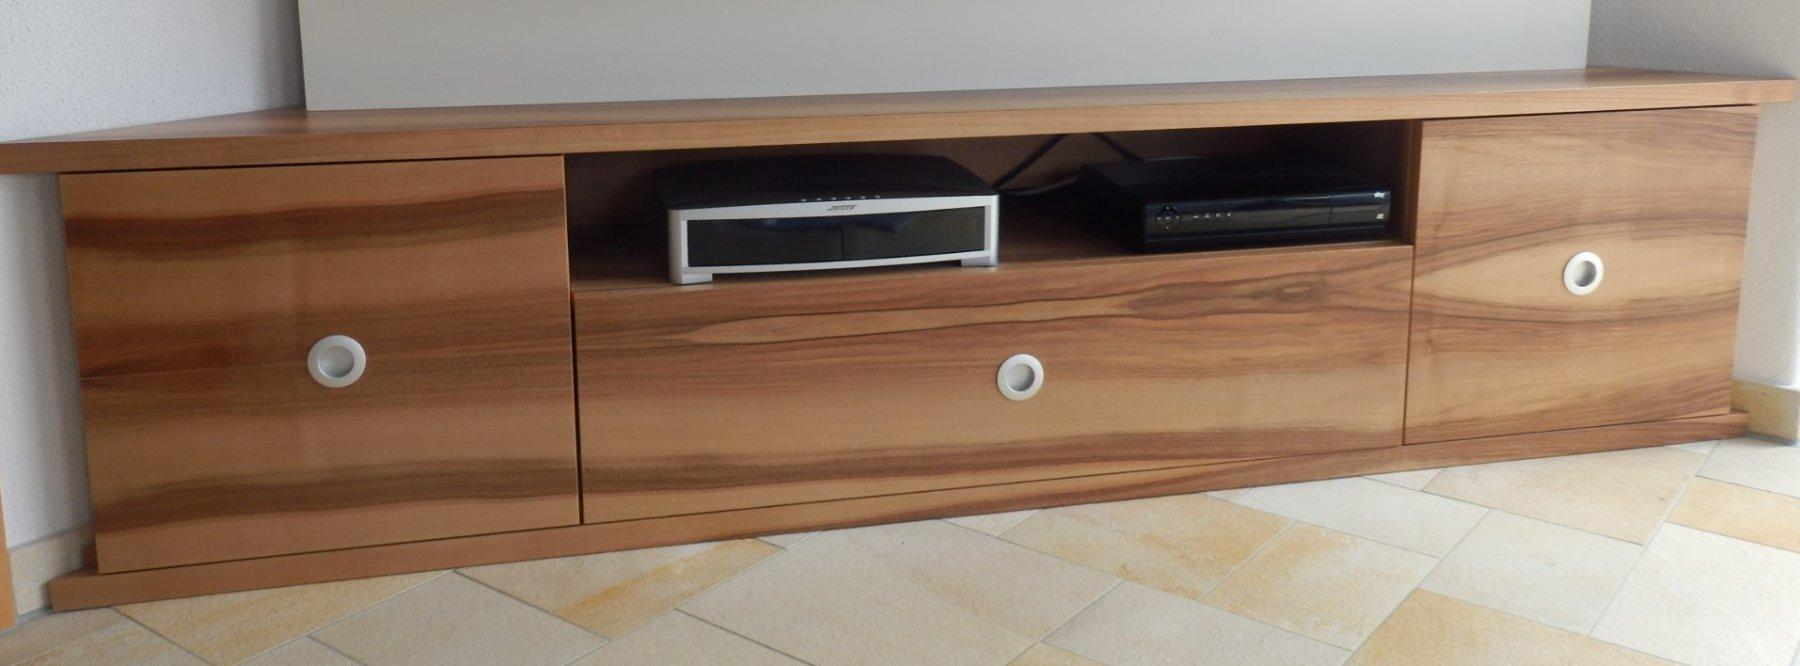 tv board nussbaum design lowboard borgund tvschrank nussbaum holz grau anthrazit hochwertig. Black Bedroom Furniture Sets. Home Design Ideas